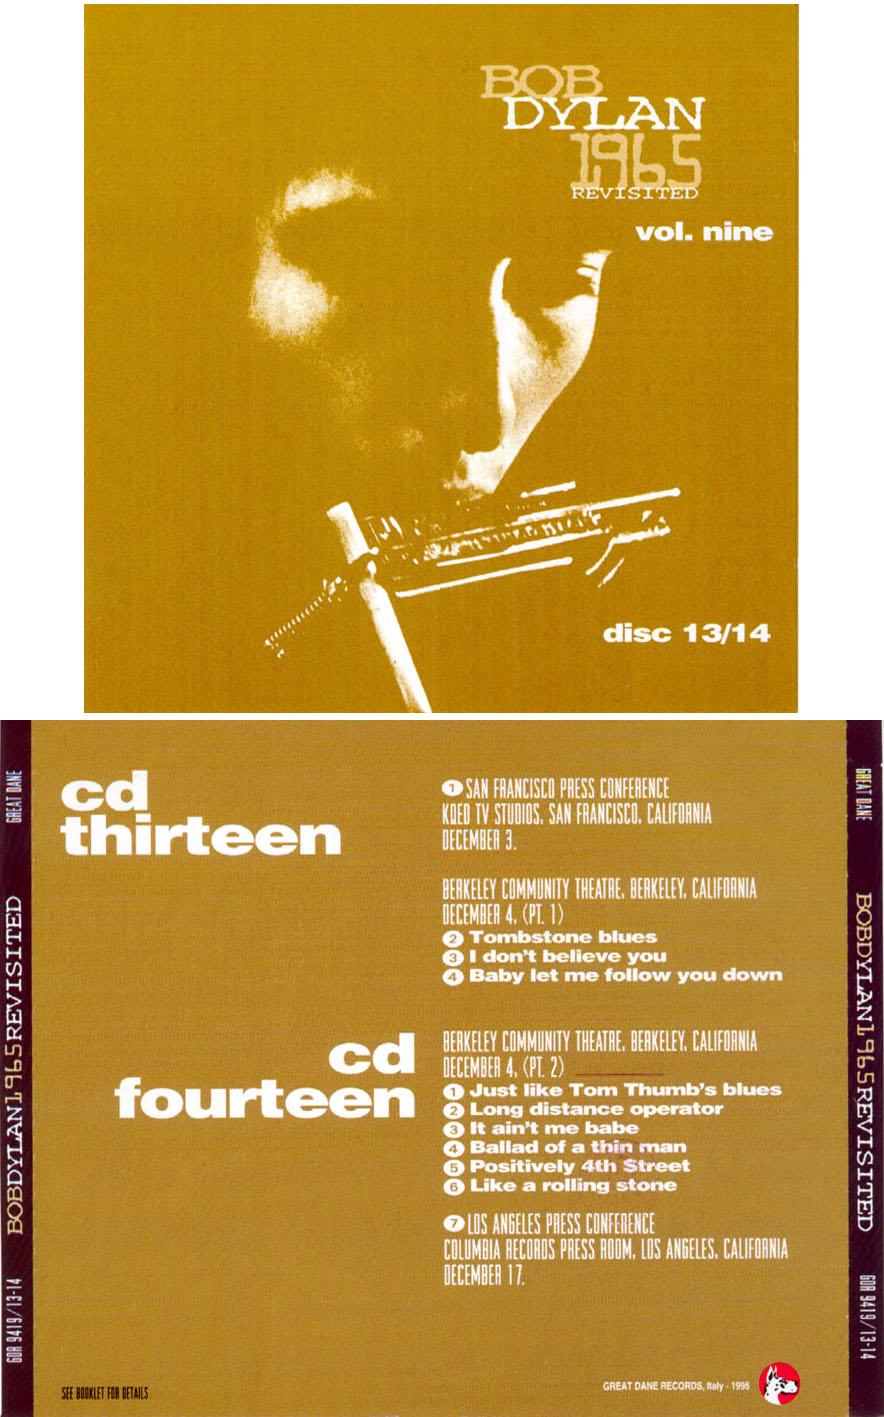 Bob Dylan 1965 Revisited